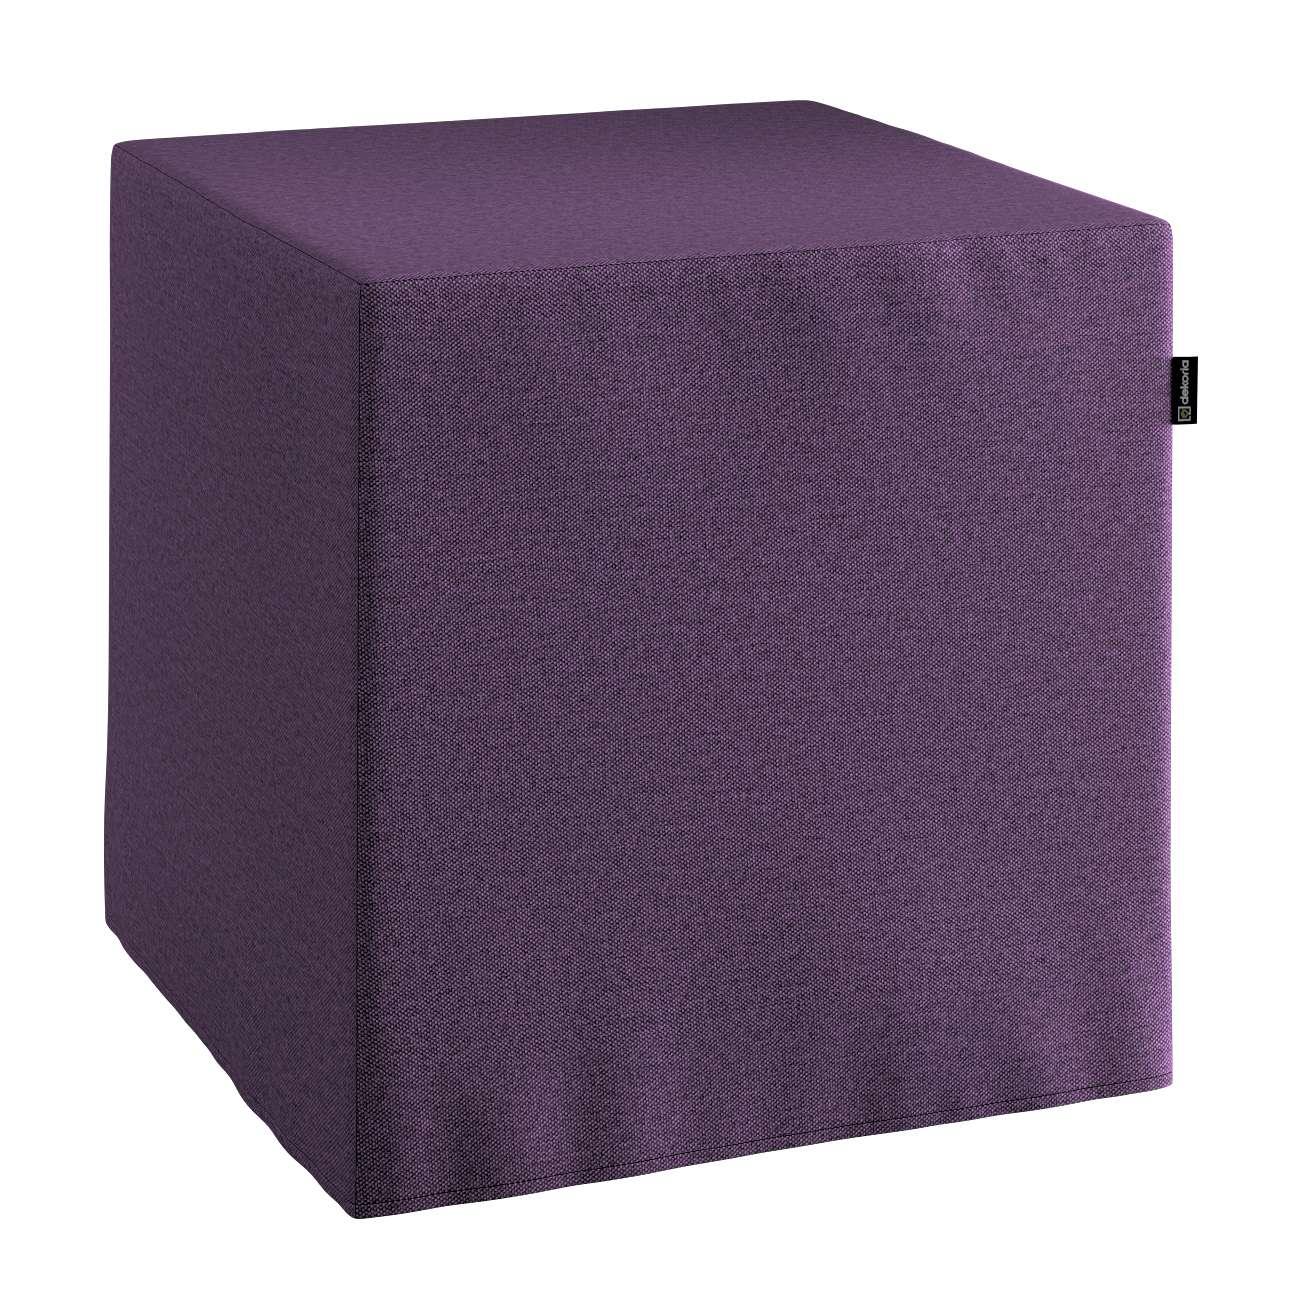 Pokrowiec na pufę kostkę w kolekcji Etna, tkanina: 161-27